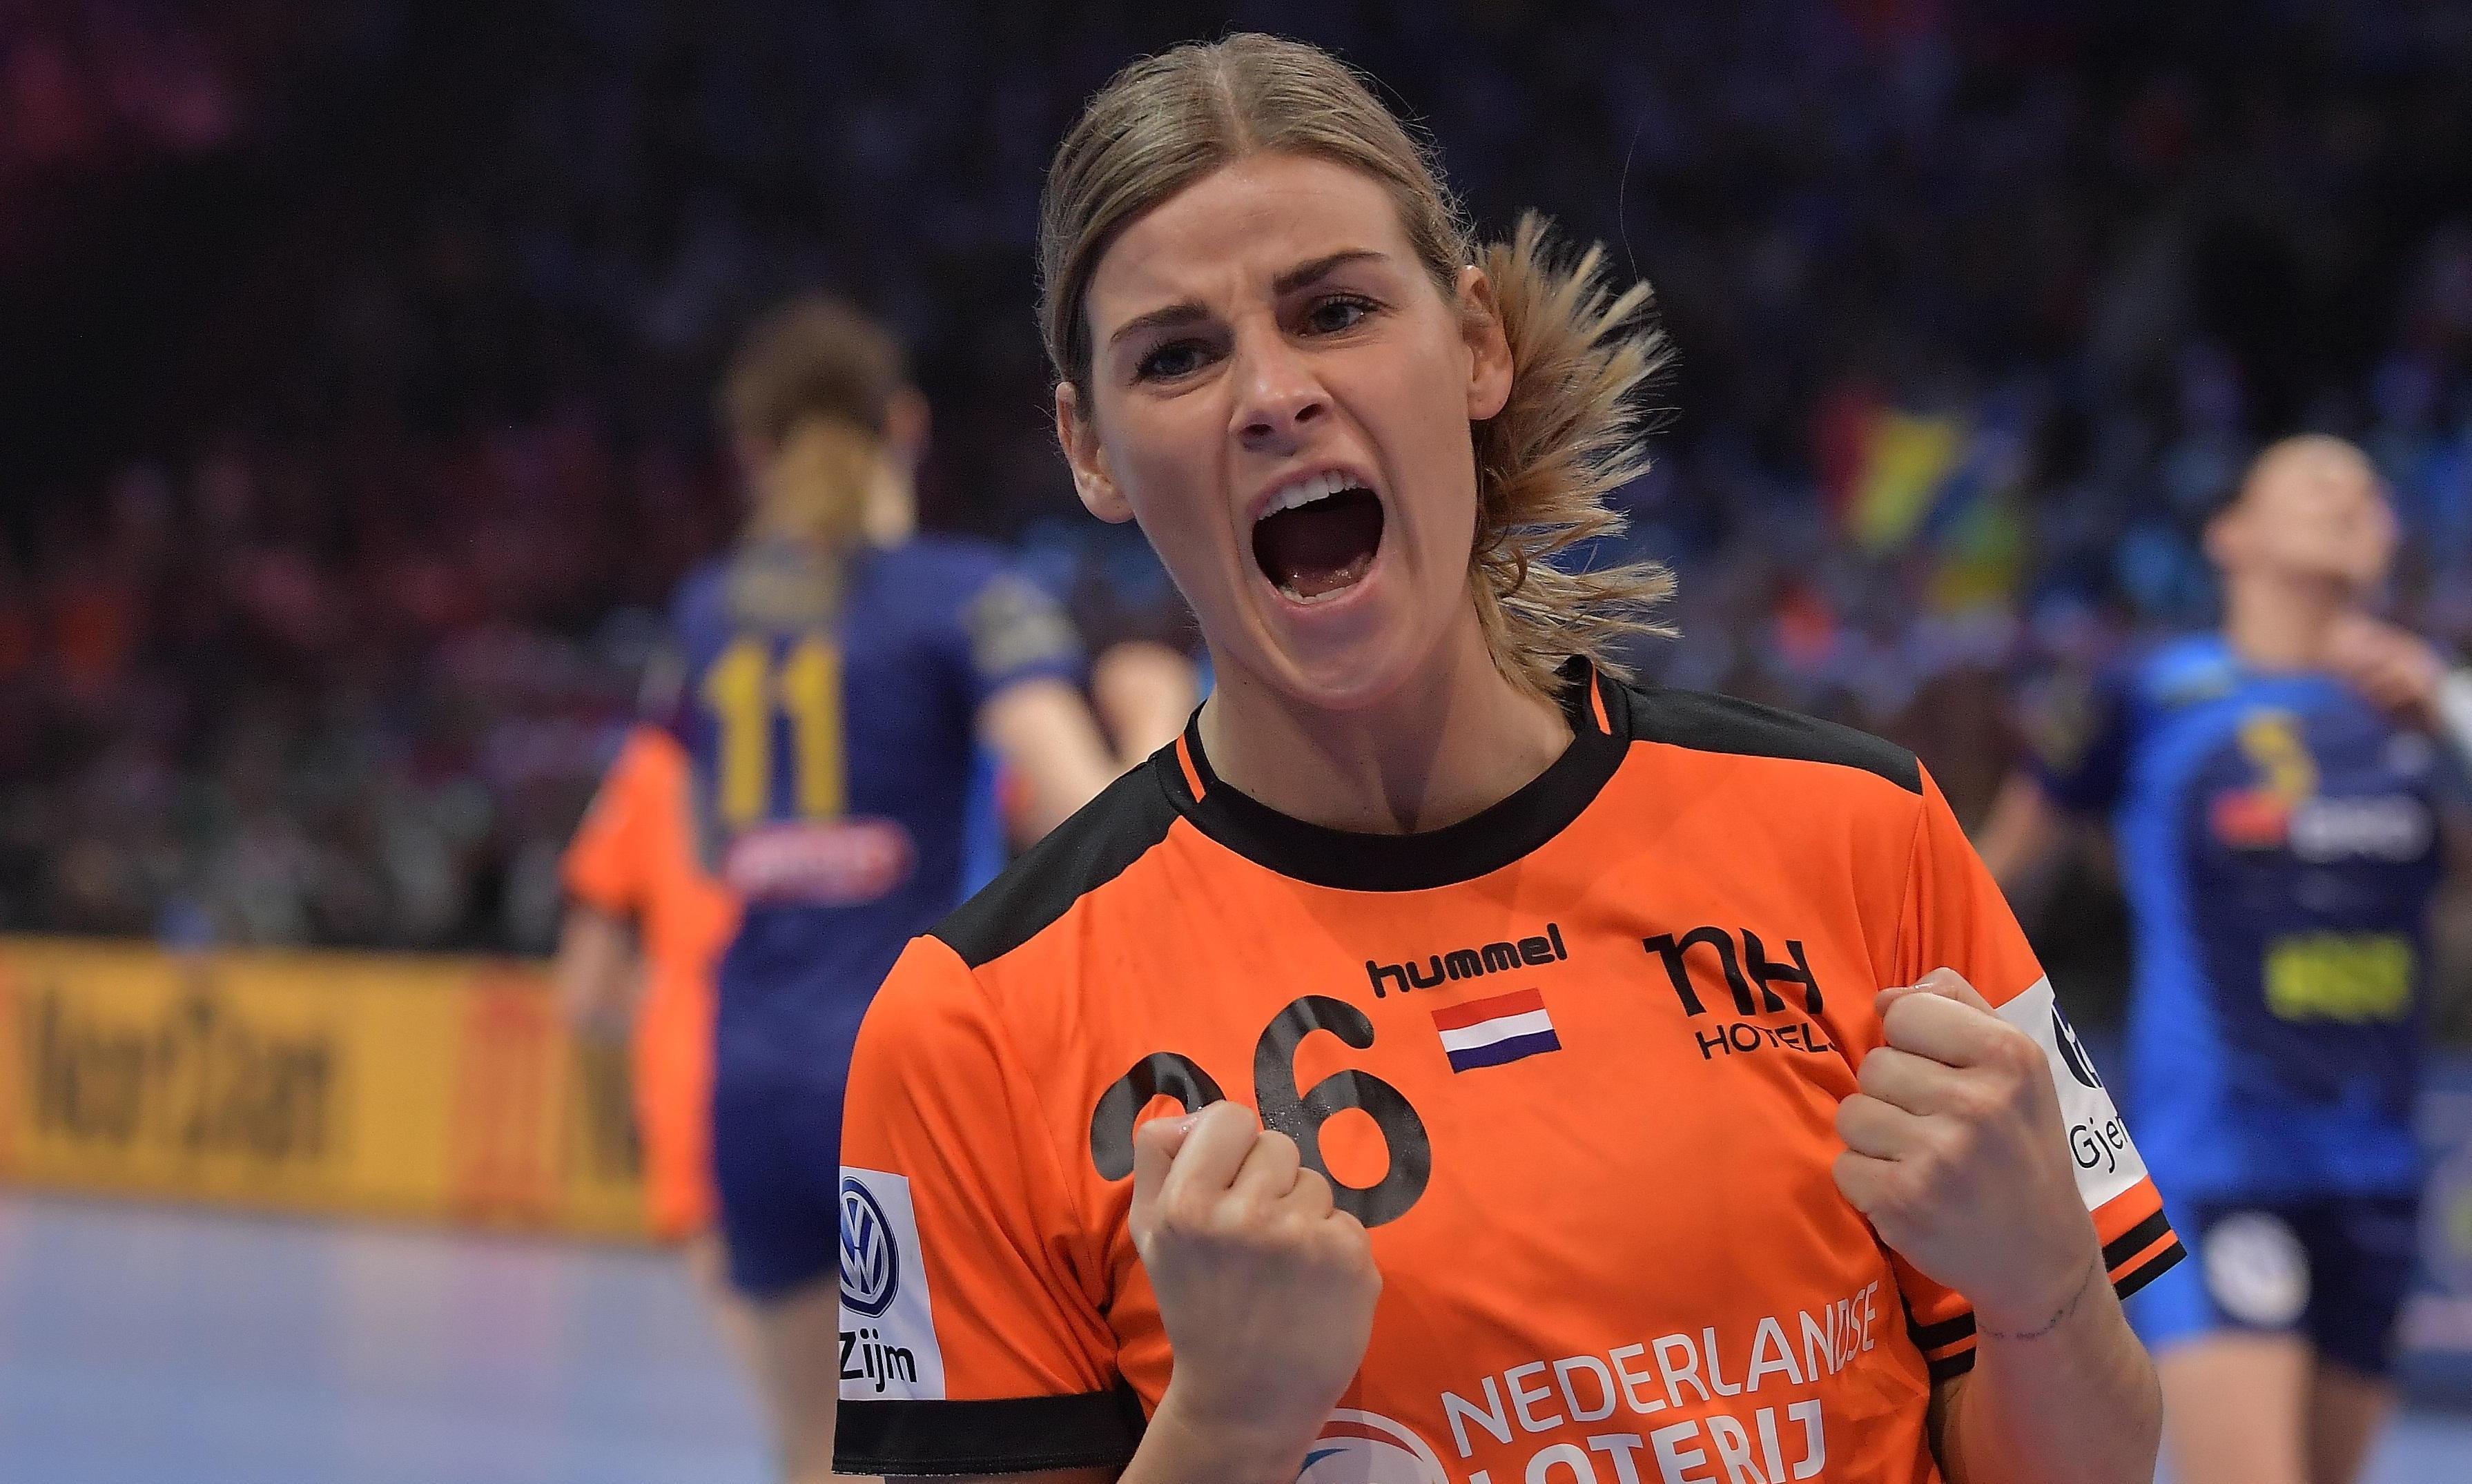 Spakenburgse 'tovenaar' Angela Malestein net op tijd hersteld voor WK van pittige bovenbeenblessure: 'Ik was wel even flink overstuur na die MRI-scan'